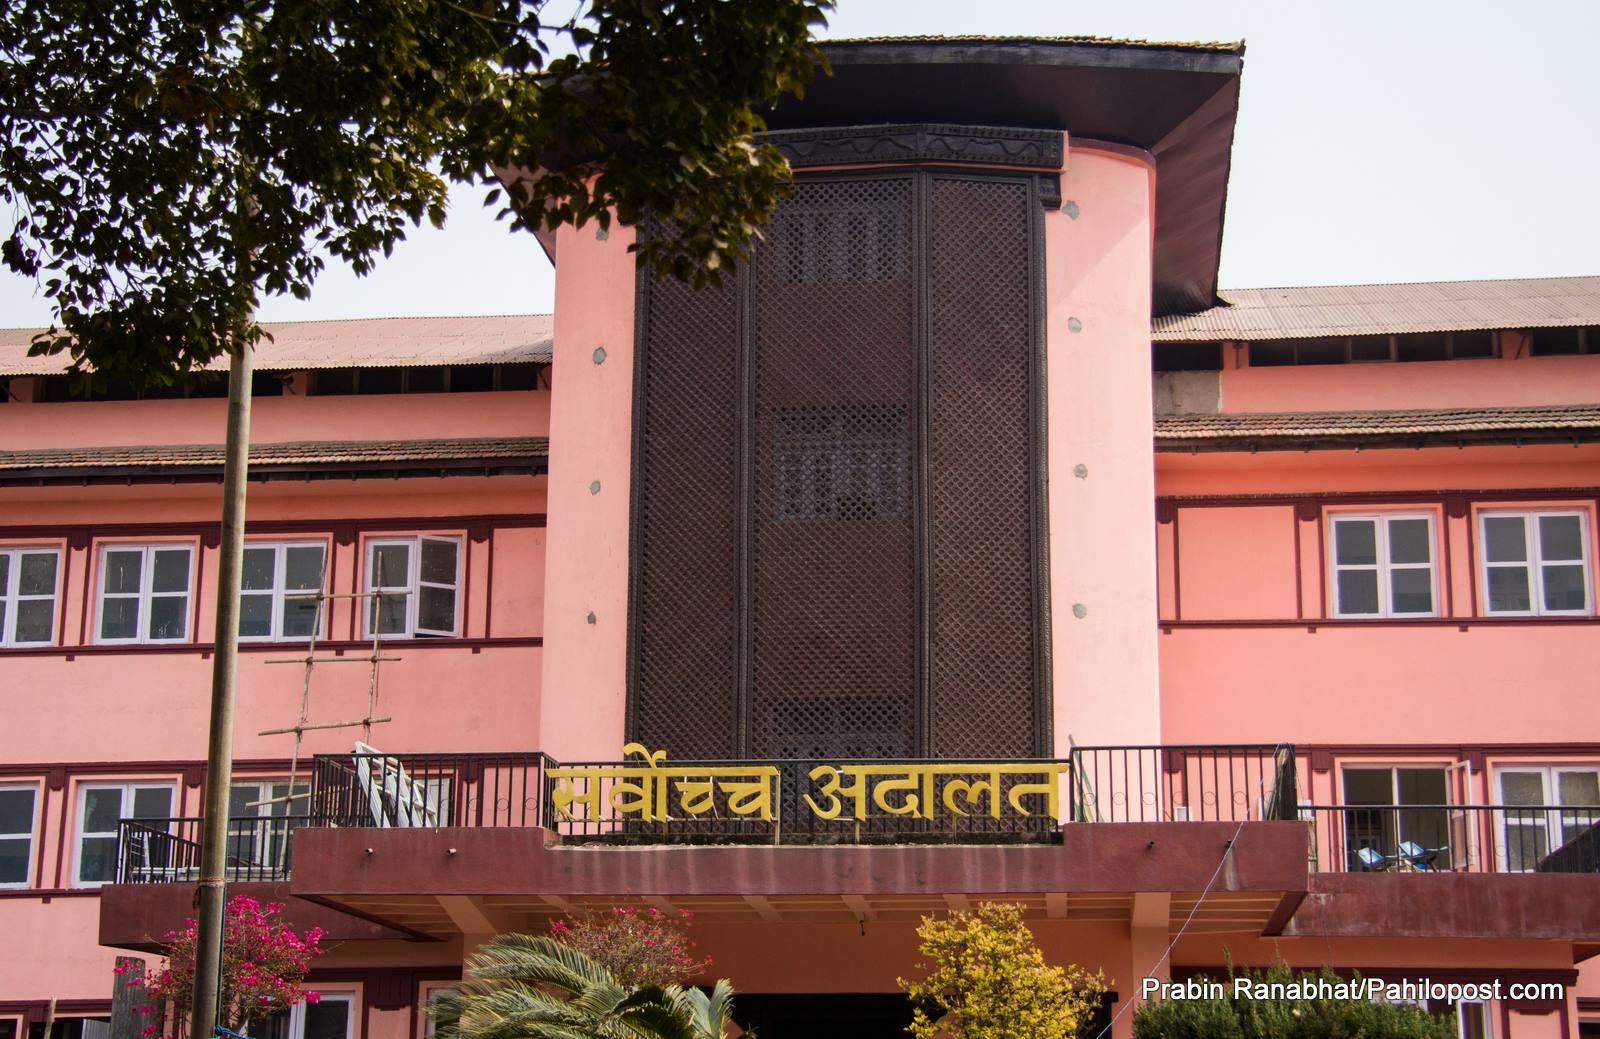 सर्वोच्चको व्याख्या : विदेशी नागरिकता लिएपछि 'नेपाली नागरिक' हुन पाइन्न, विषयान्तर फैसला भएको रिट निवेदकको आरोप